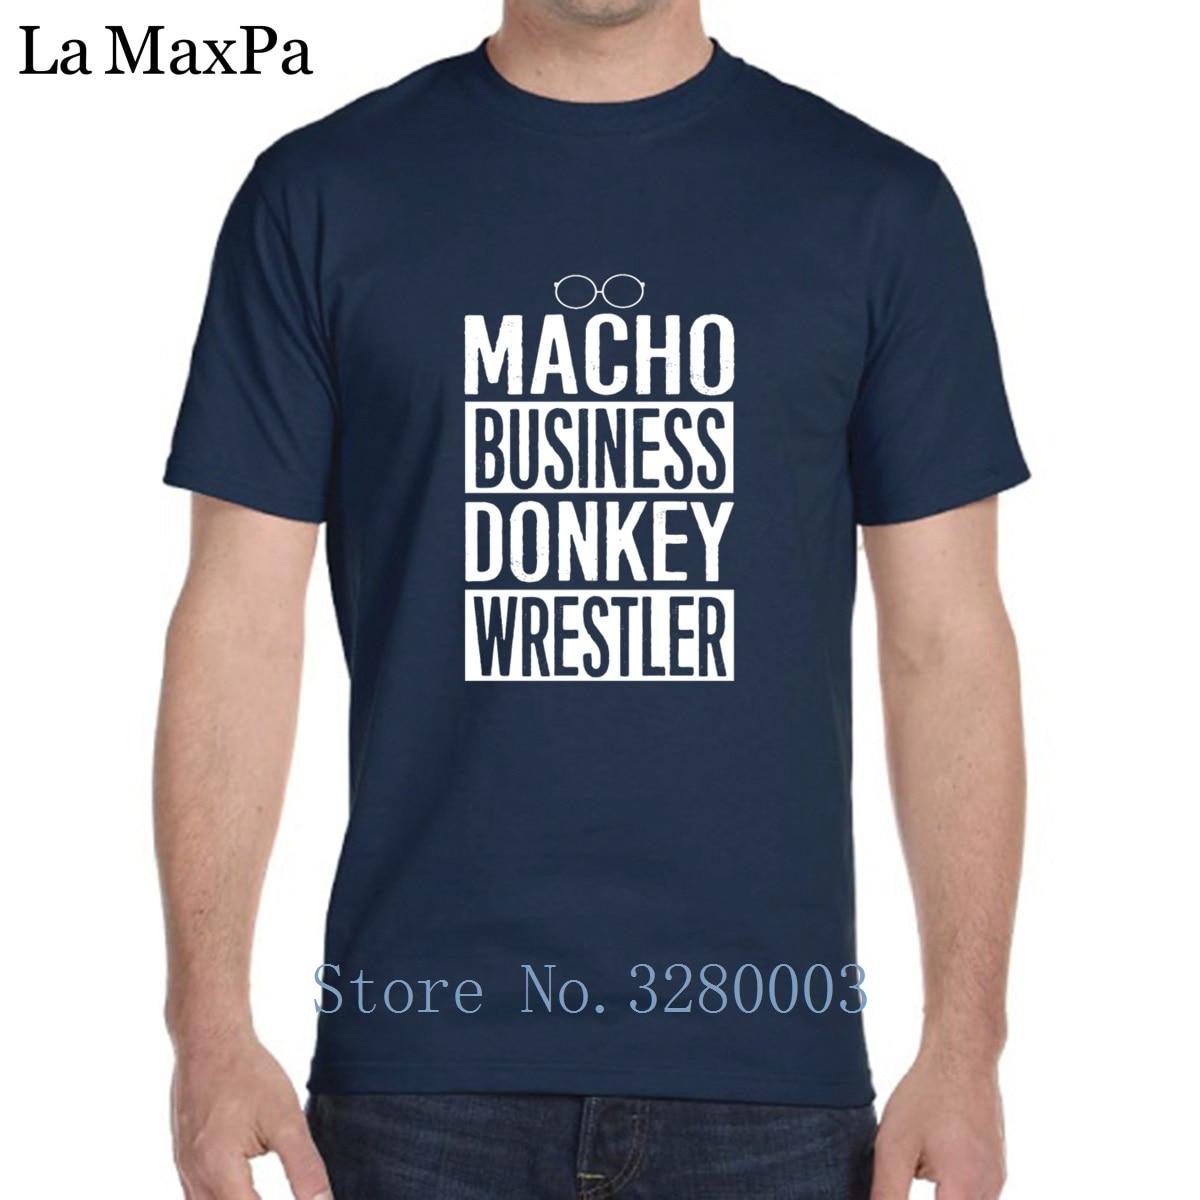 Персонализированные Новая модная футболка Для мужчин новости Радио мачо Бизнес осел борец Для мужчин s футболка Демисезонный футболка Для ...